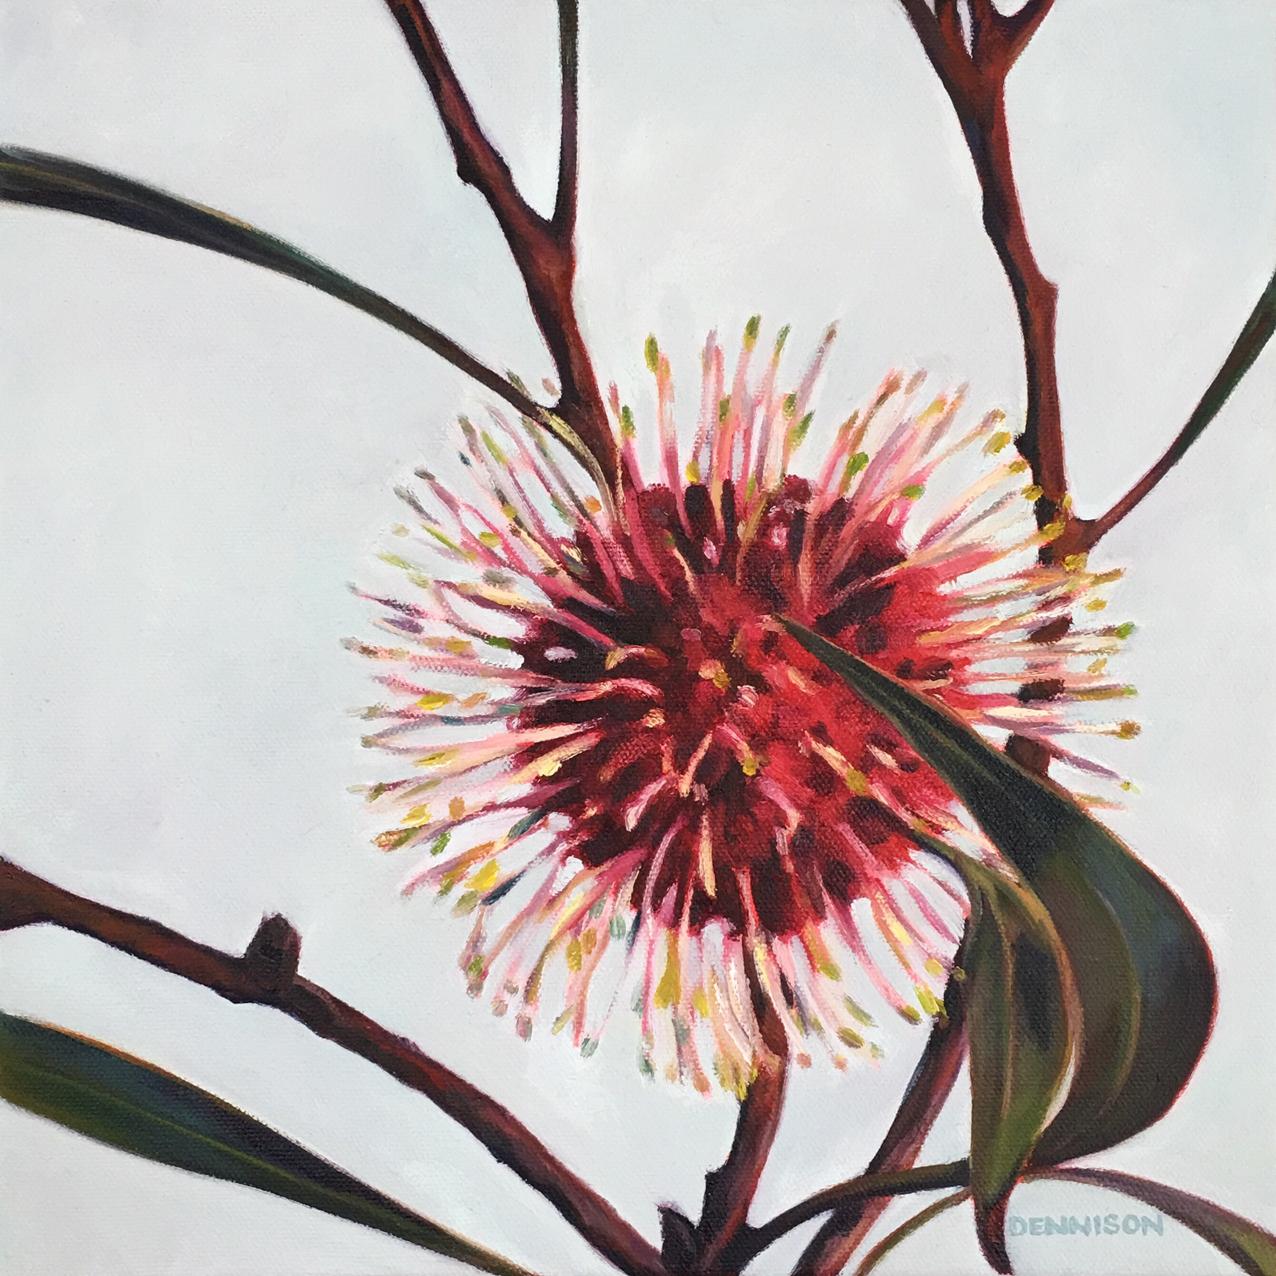 Pincushion Hakea   Oil on Canvas, 30cm x 30cm